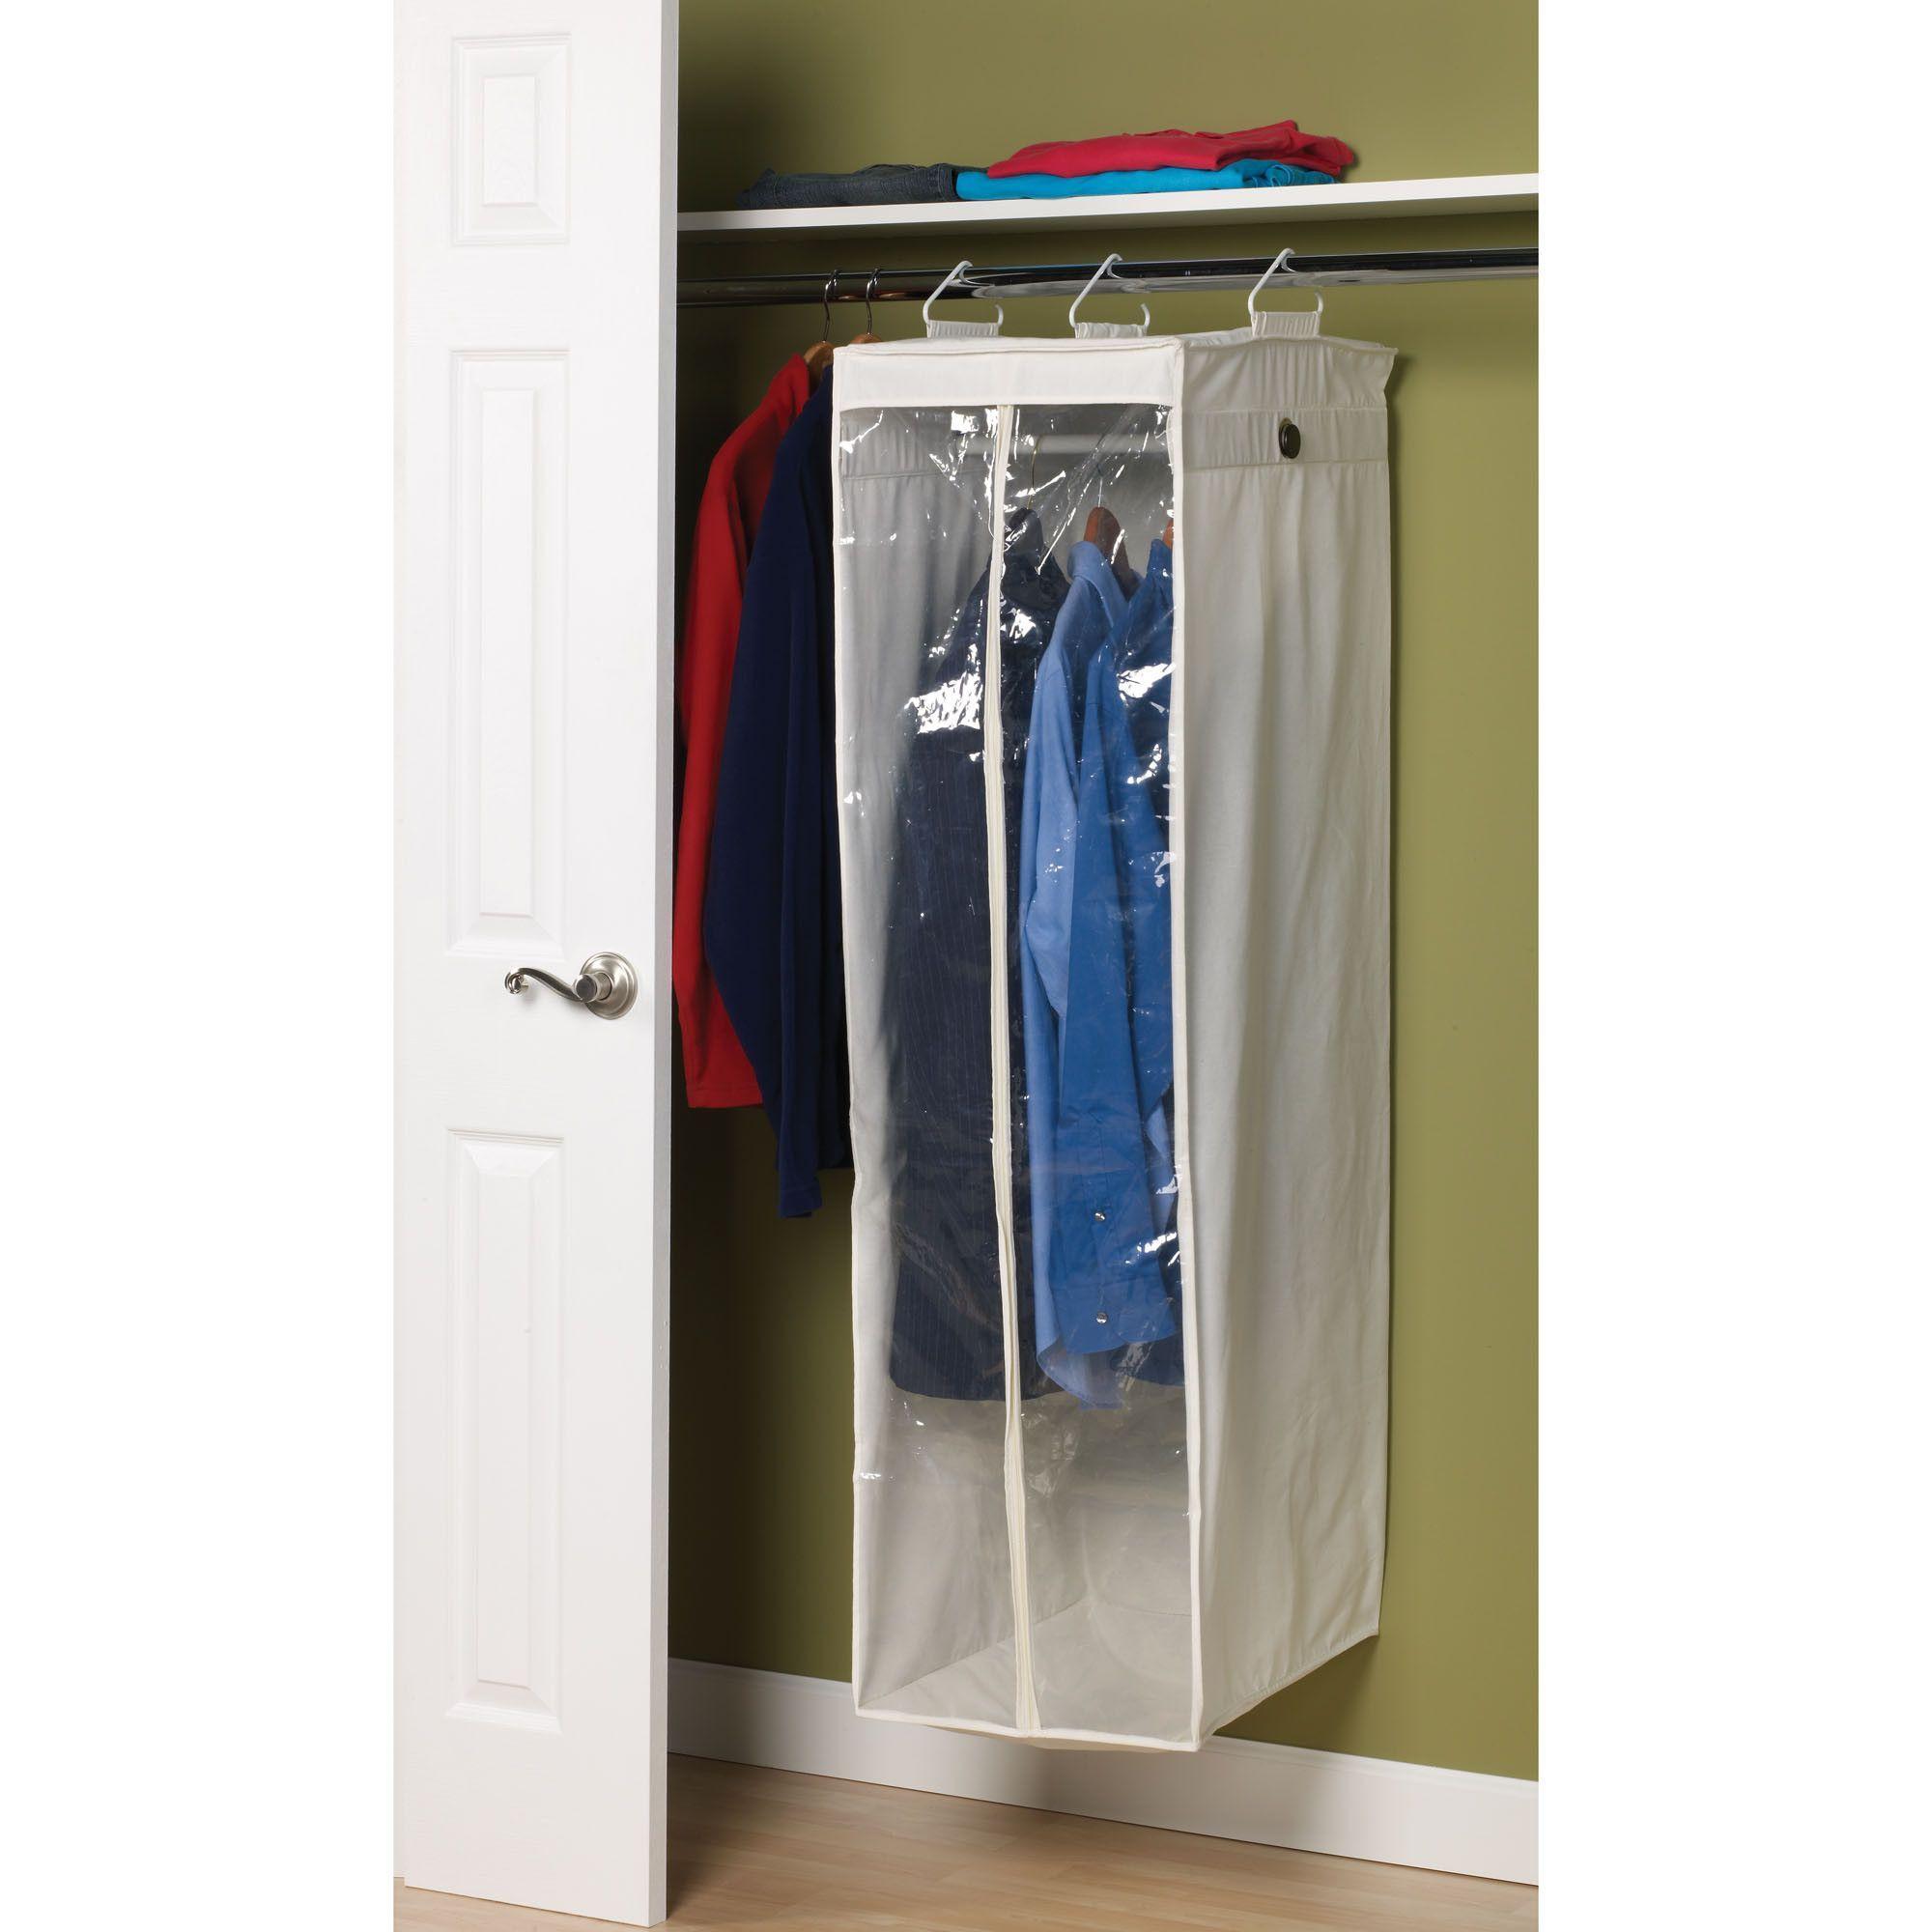 canvas walmart closet household natural plastic organizer ip shelves shelf hanging com essentials with